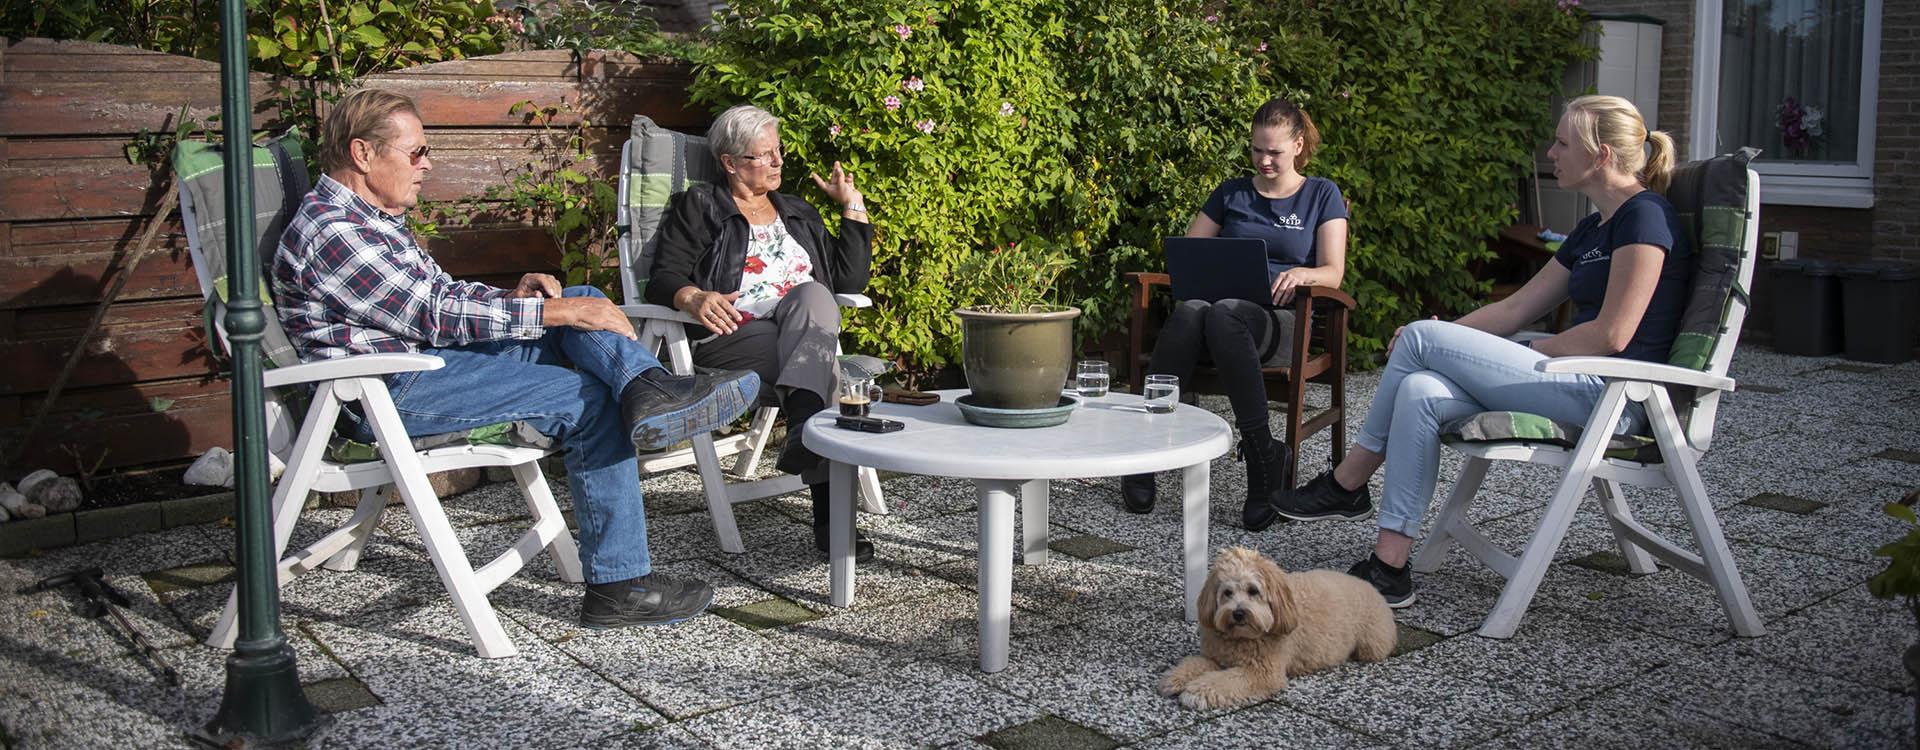 Ergotherapiepraktijk Stip Buiten in de tuin